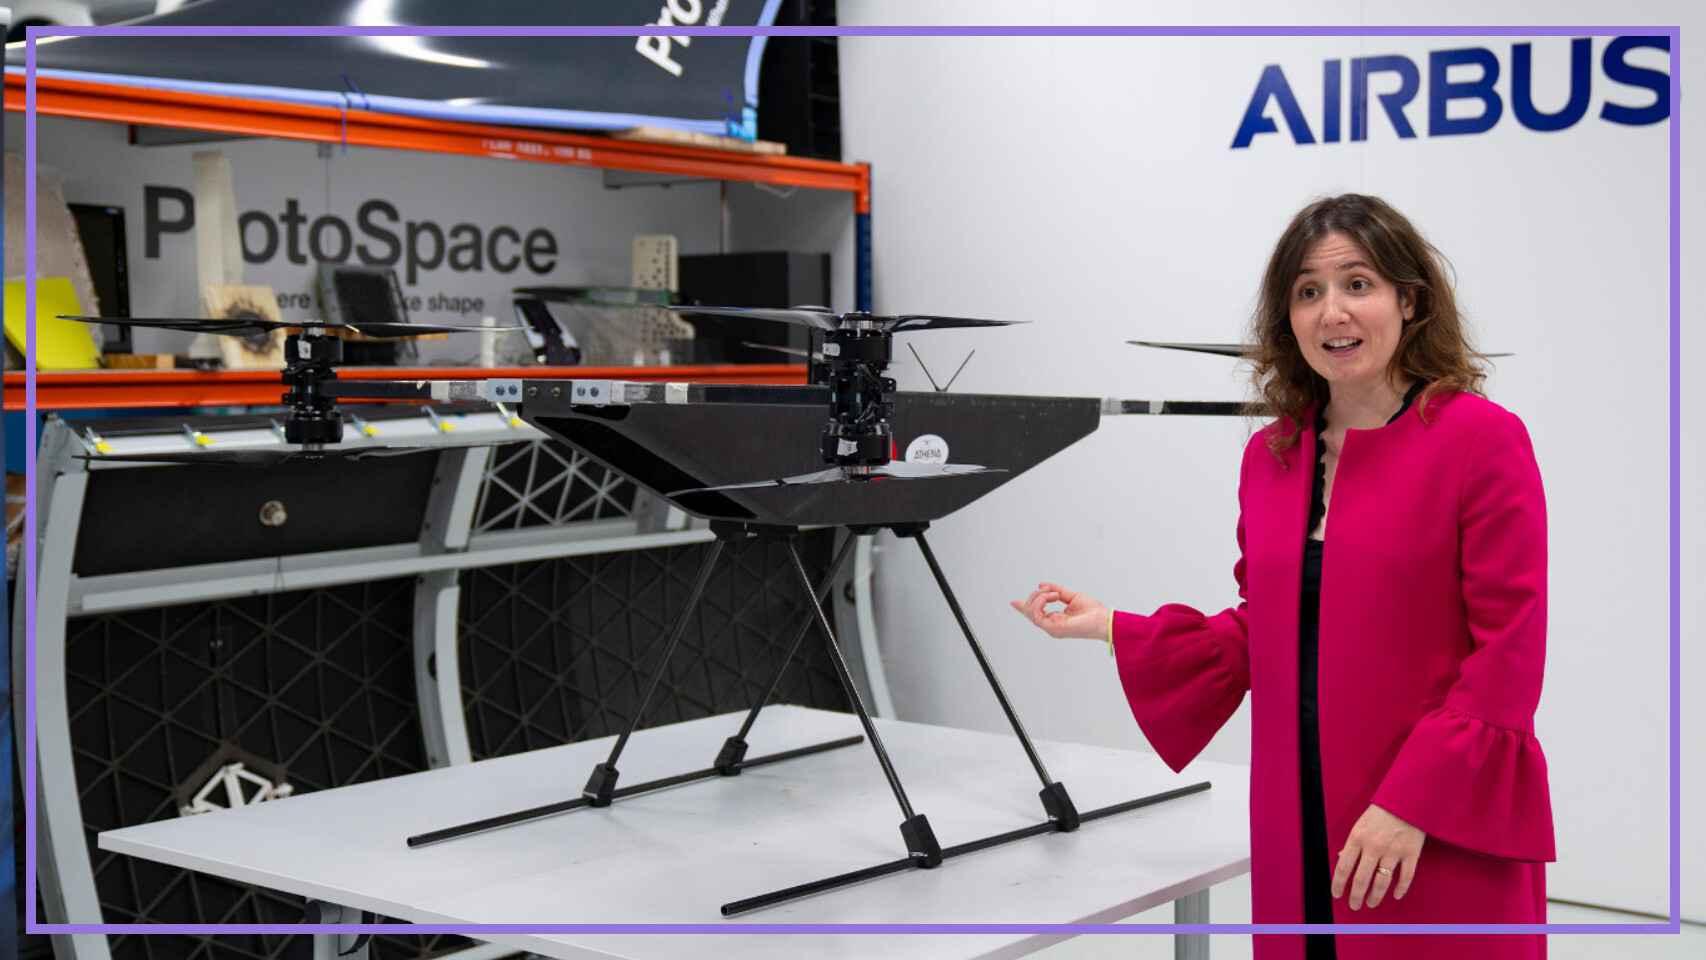 Isabel del Pozo enseñando un drone en el taller de Airbus en Getafe.